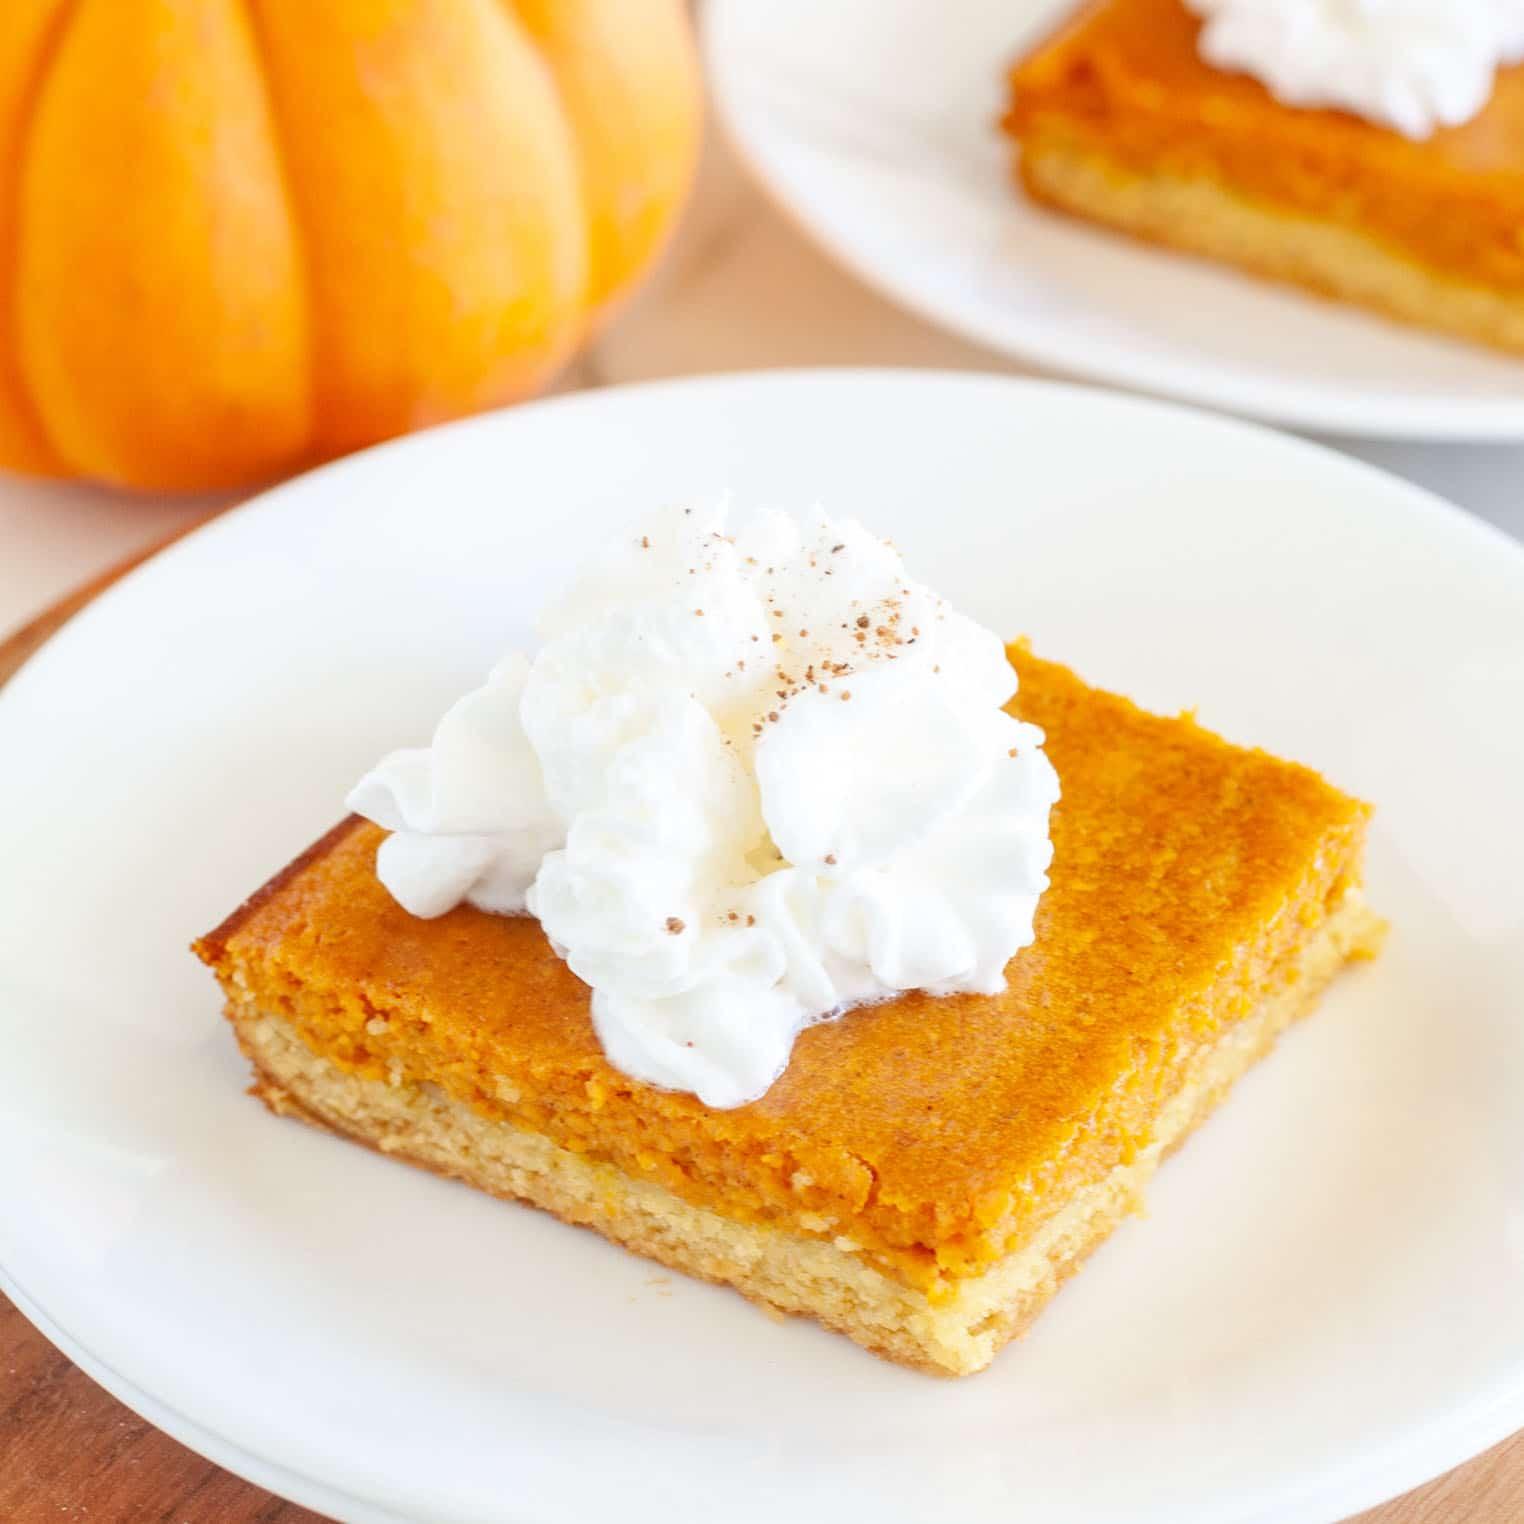 Gooey Pumpkin cake on a plate